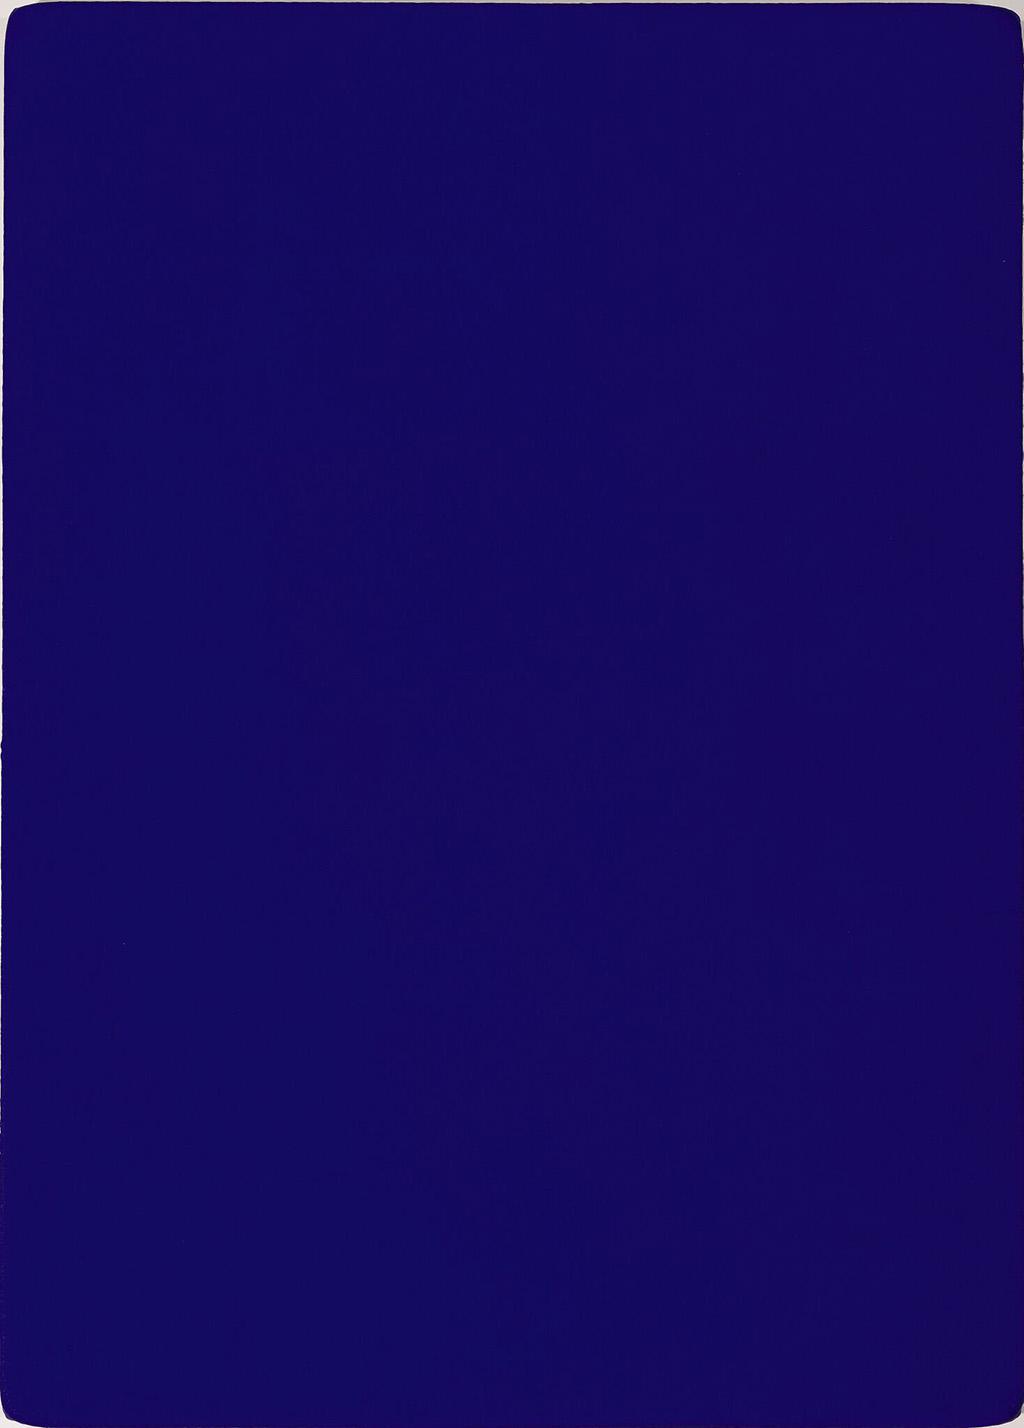 SothebysKleinBlue